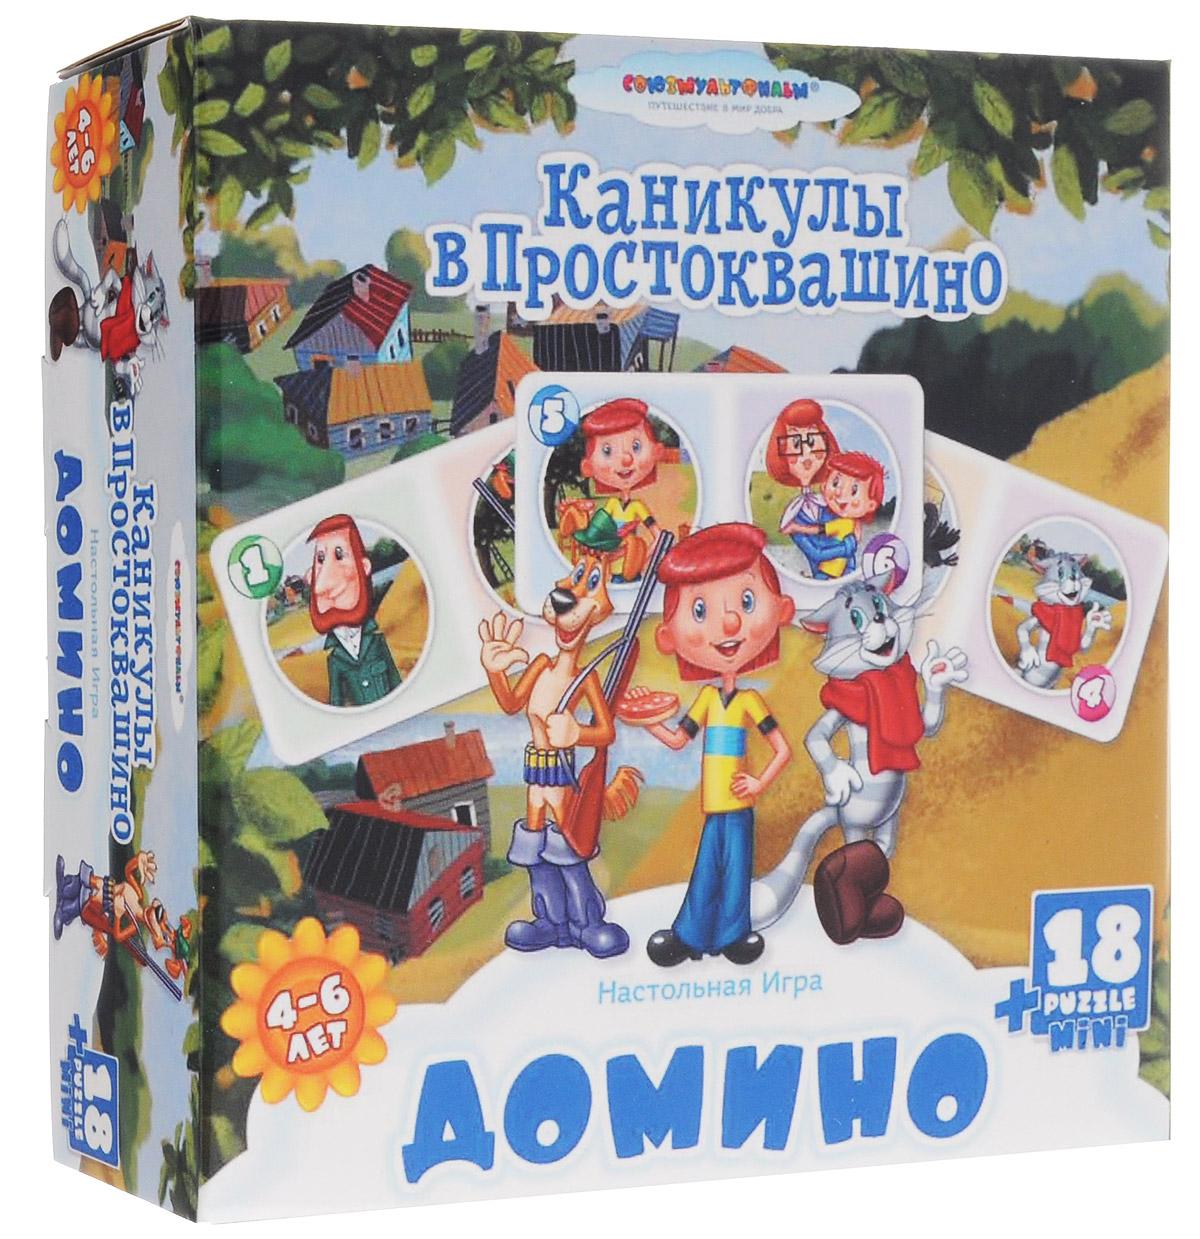 Оригами Домино ПростоквашиноАрт(О) 10914Домино Простоквашино позволит вам и вашему малышу весело и с пользой провести время, ведь совместная игра - лучший способ узнать ребенка и научить его чему-нибудь новому. Комплект игры включает в себя 28 фишек из плотного картона с красочными изображениями любимых героев мультфильма. В свой ход каждый игрок должен добавить в цепочку из фишек одну их своих фишек так, чтобы изображение на ней подошло к изображению на конце цепи. Если в руках у игрока нет подходящей фишки - он берет дополнительные, до тех пор, пока не попадется нужная. Выигрывает тот, кто первым выложит все свои фишки. В дополнение к игре имеется пазл с героями мультфильма из18 элементов. Размер пазла: 15 см х 8 см. Игра в домино не только подарит малышу множество веселых мгновений, но и поможет познакомиться с новыми словами. Игра направлена на развитие внимания, образного восприятия и зрительной памяти.